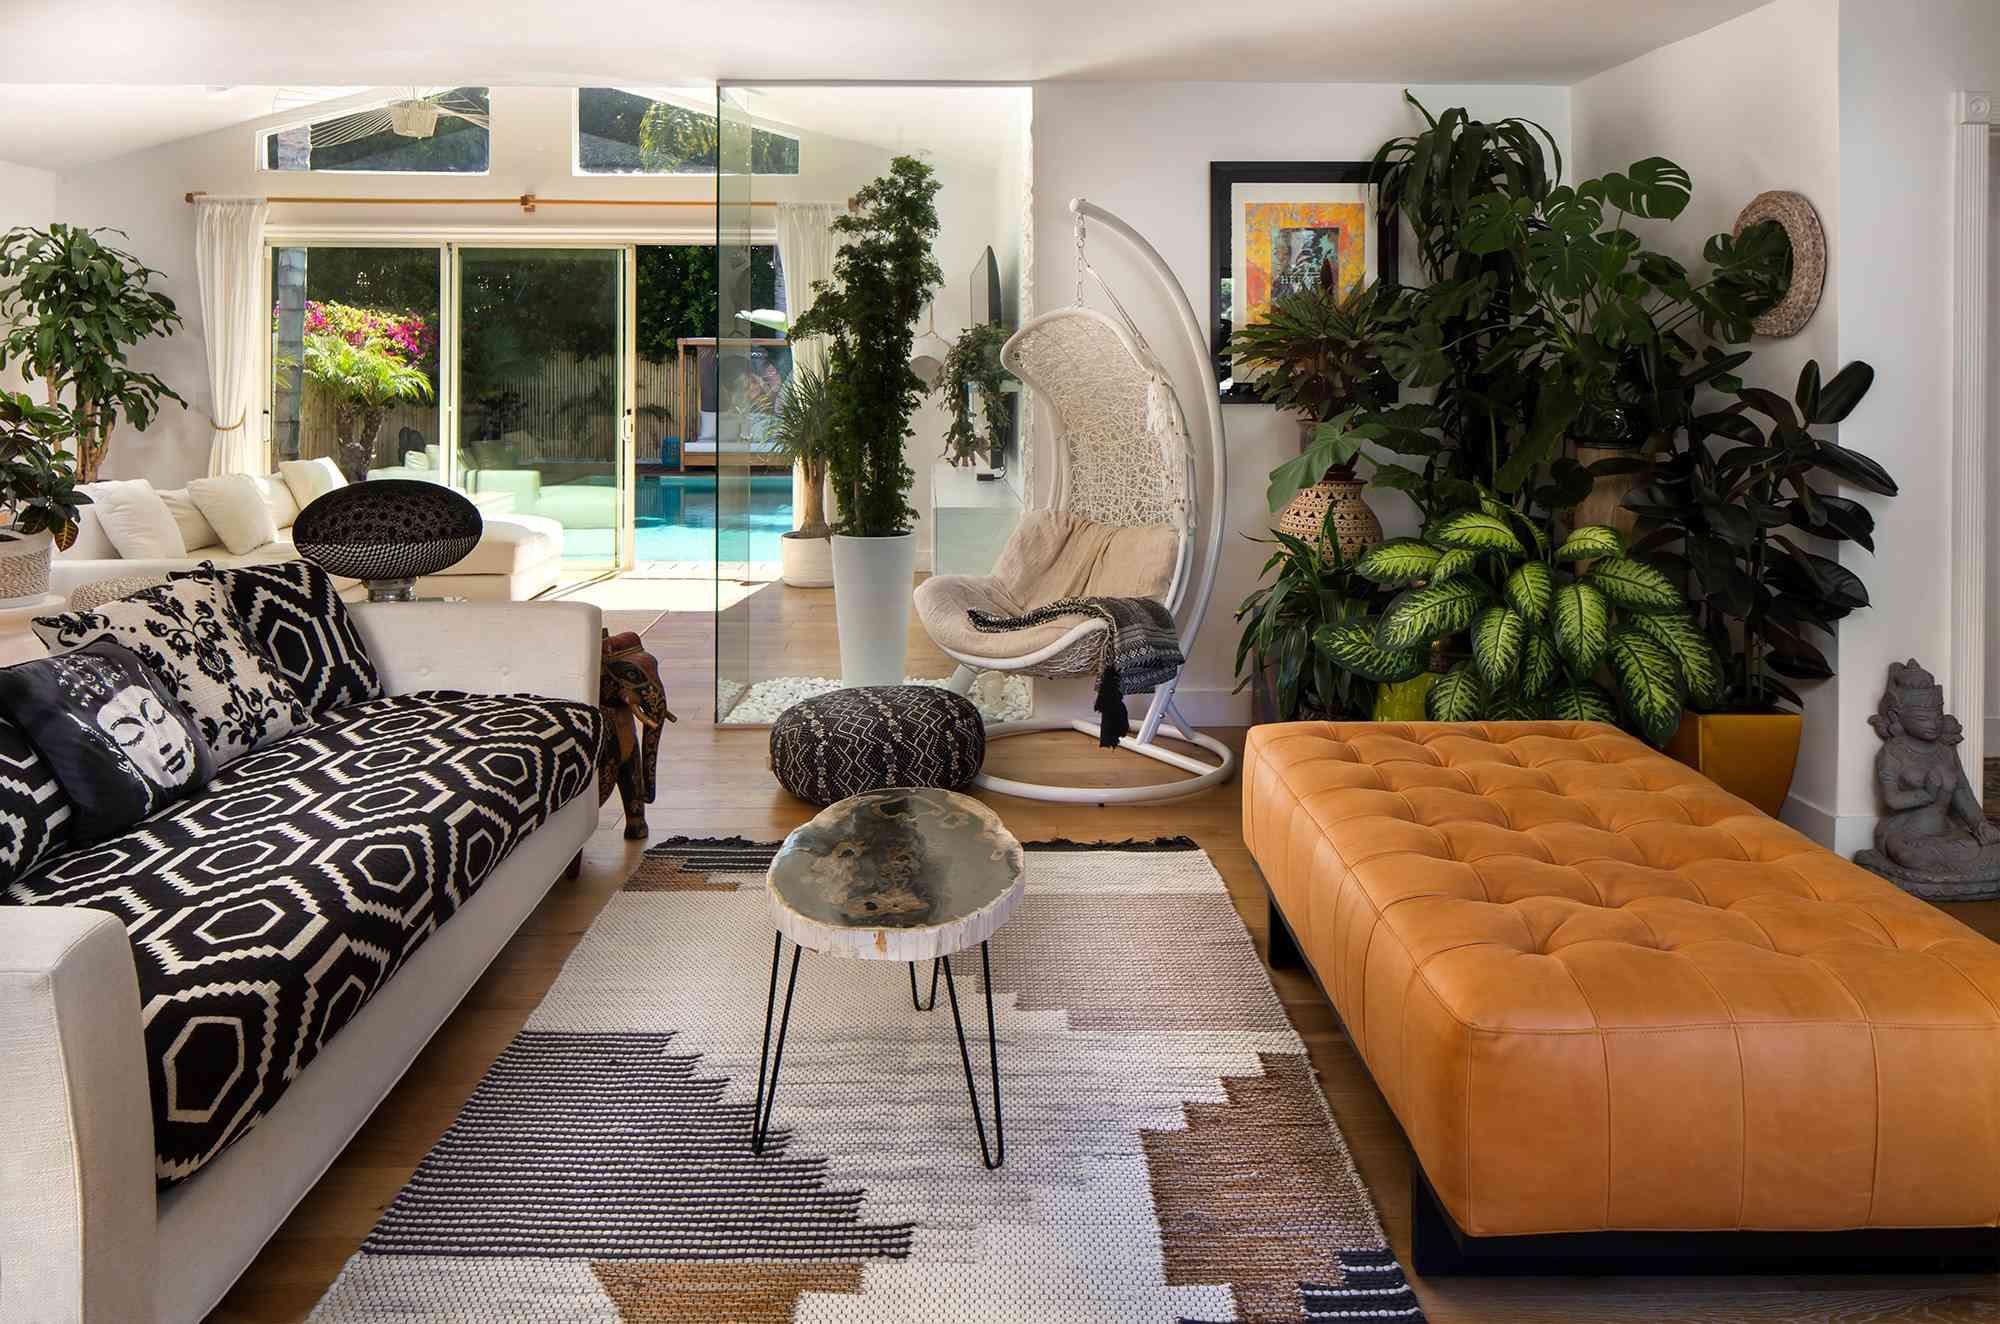 Floor to ceiling livingroom wall